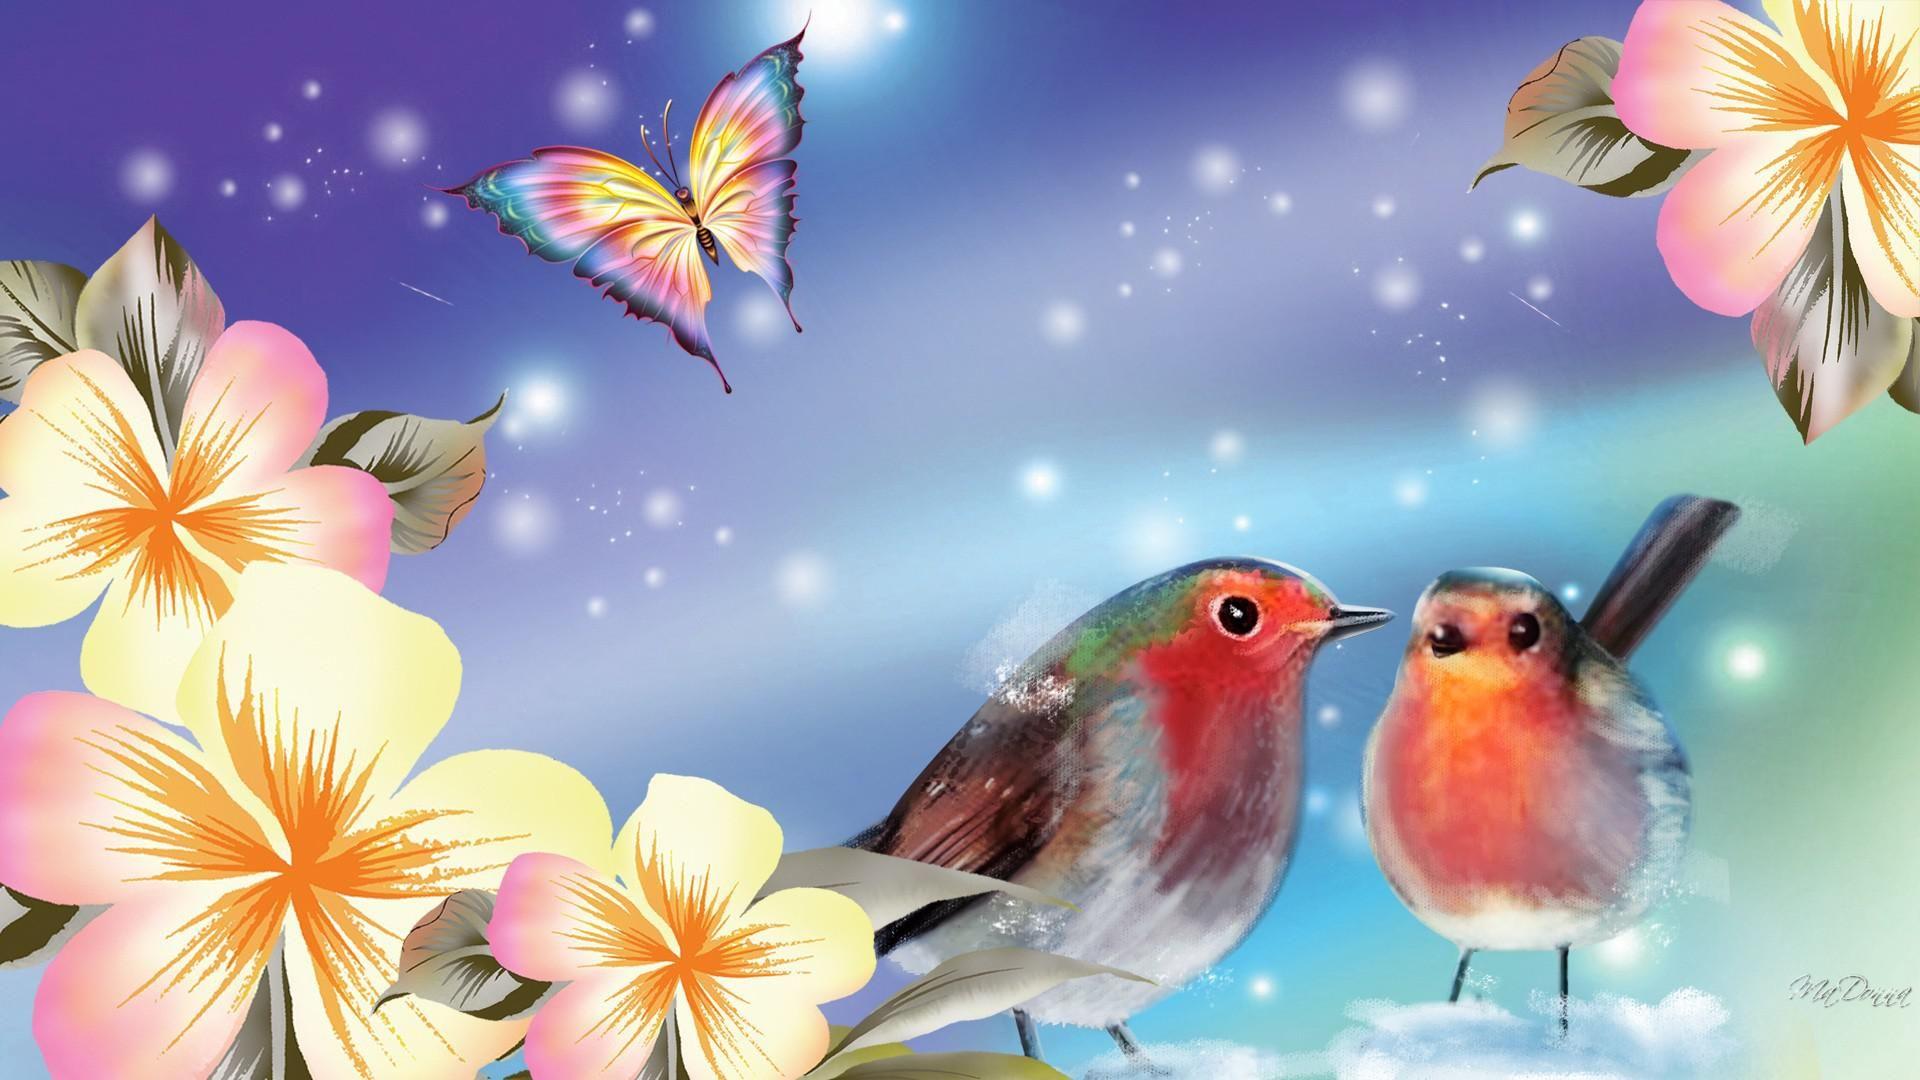 Pretty Background And Birds Art Wallpaper Birds Butterflies Abstract Waves